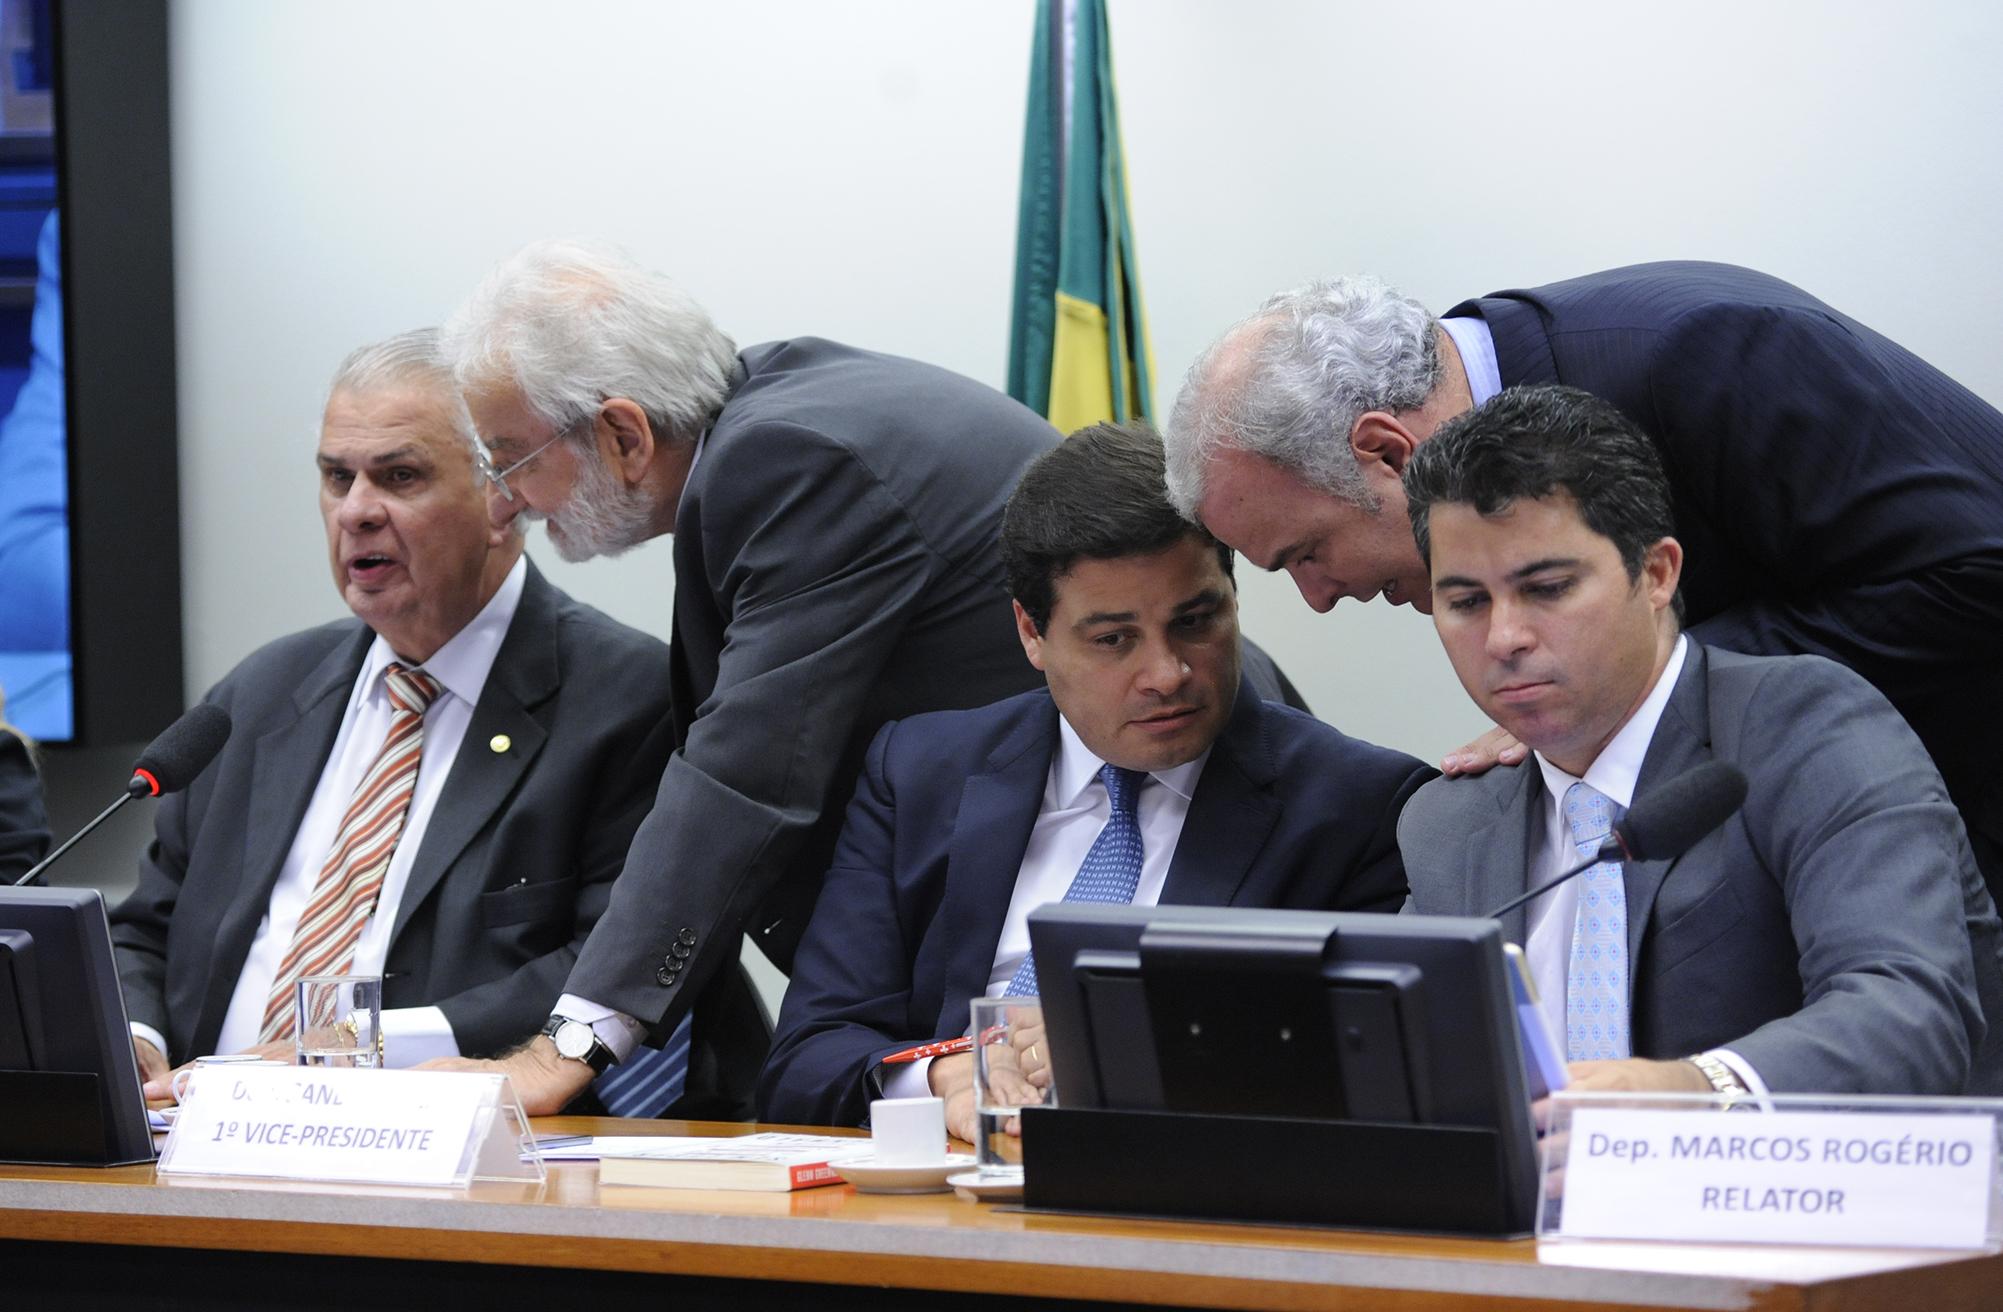 Reunião para continuação da apreciação do parecer preliminar do dep. Marcos Rogério (PDT-RO), relator do Processo nº 01/15, referente à representação nº 01/15, do PSOL e REDE, em desfavor do dep. Eduardo Cunha (PMDB-RJ)